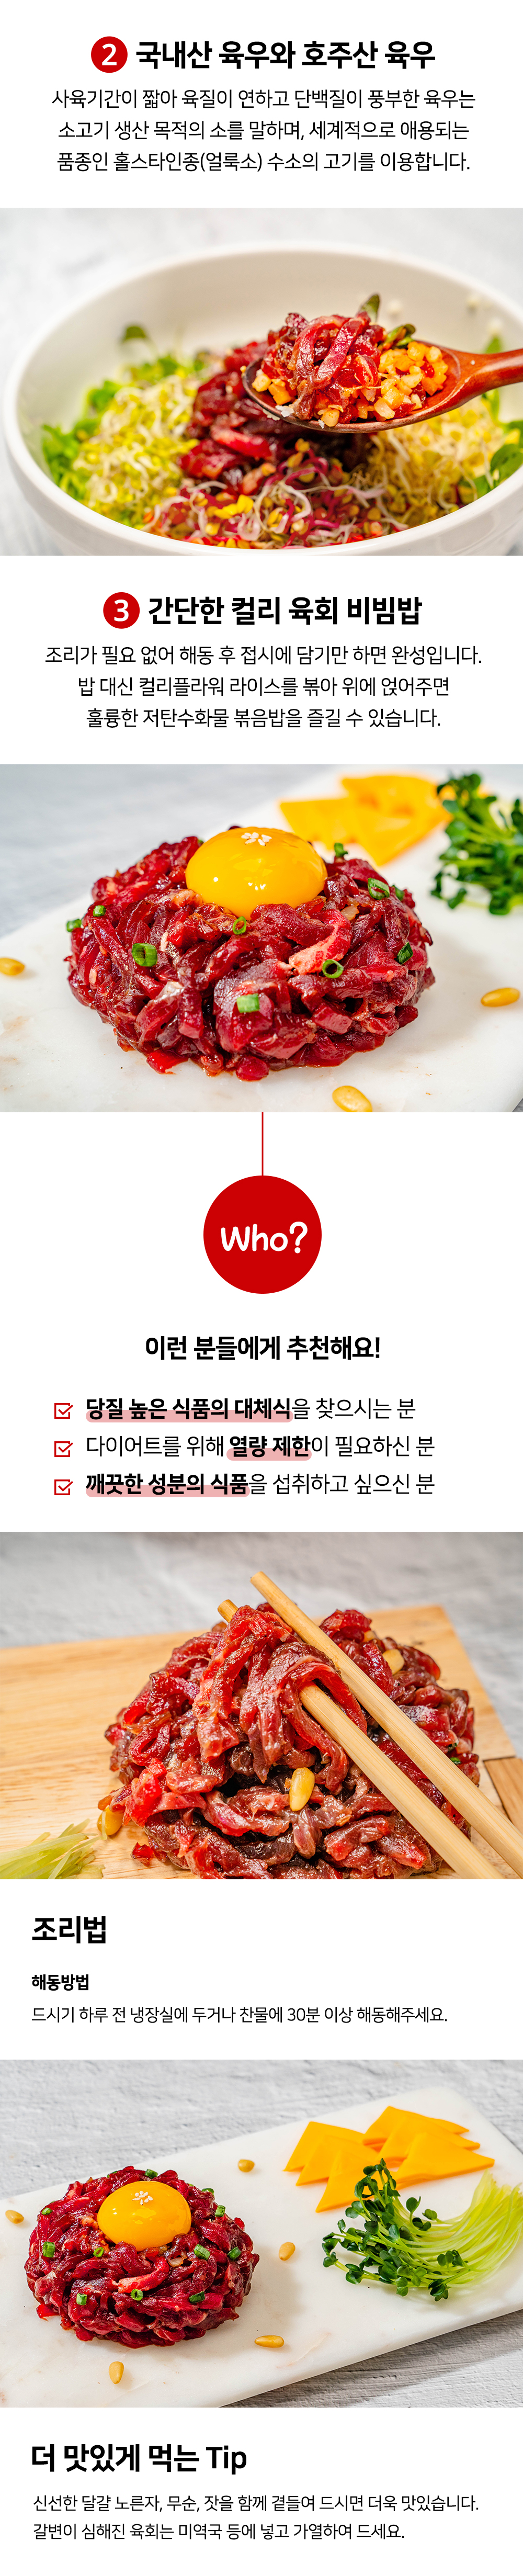 국내산 쏙 빠진 육회3.jpg